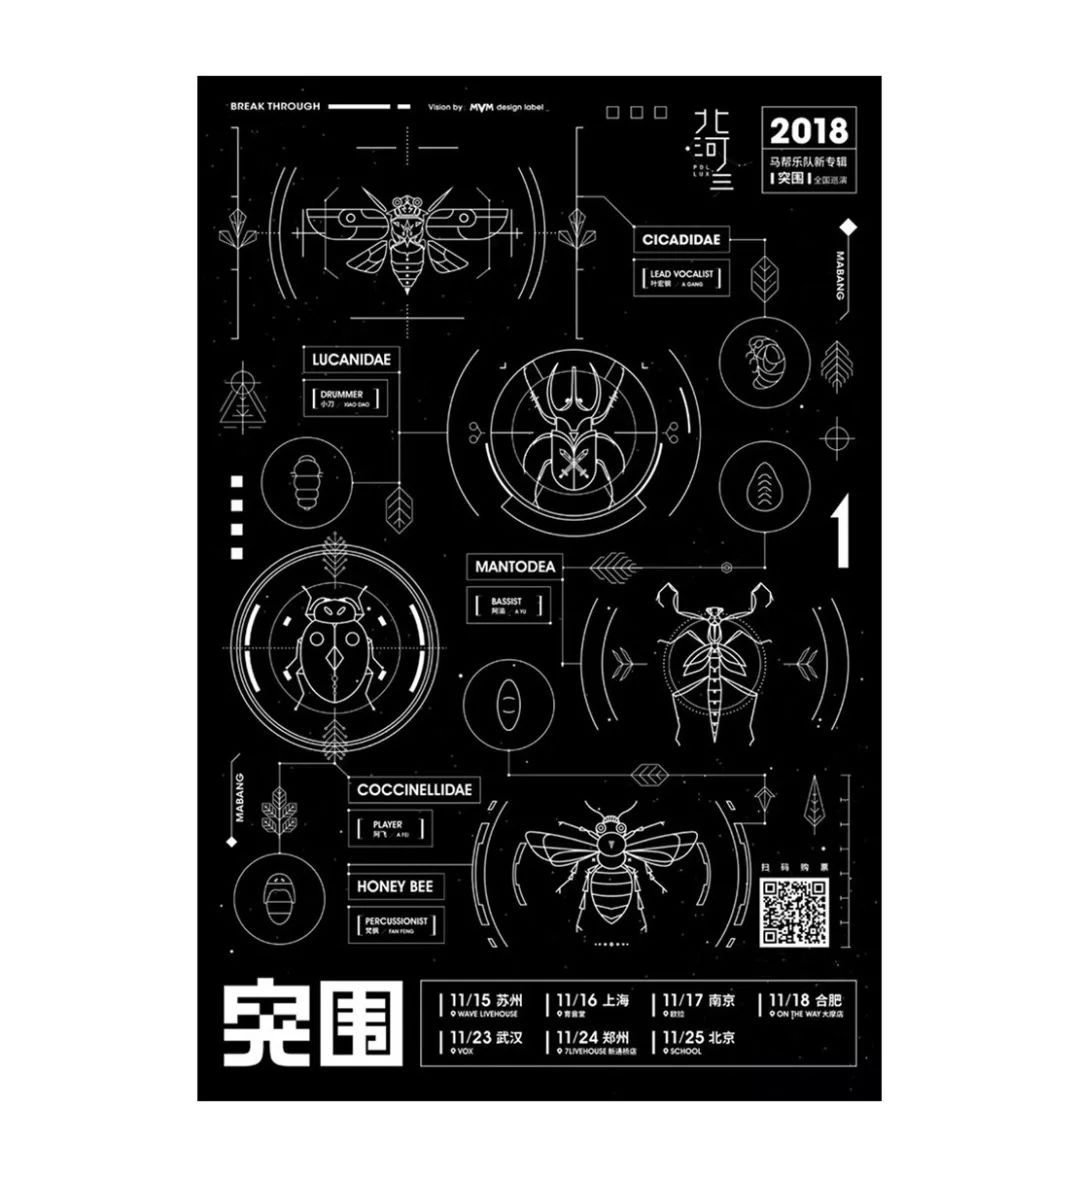 海报设计案例欣赏  有哪些具有设计感的海报作品